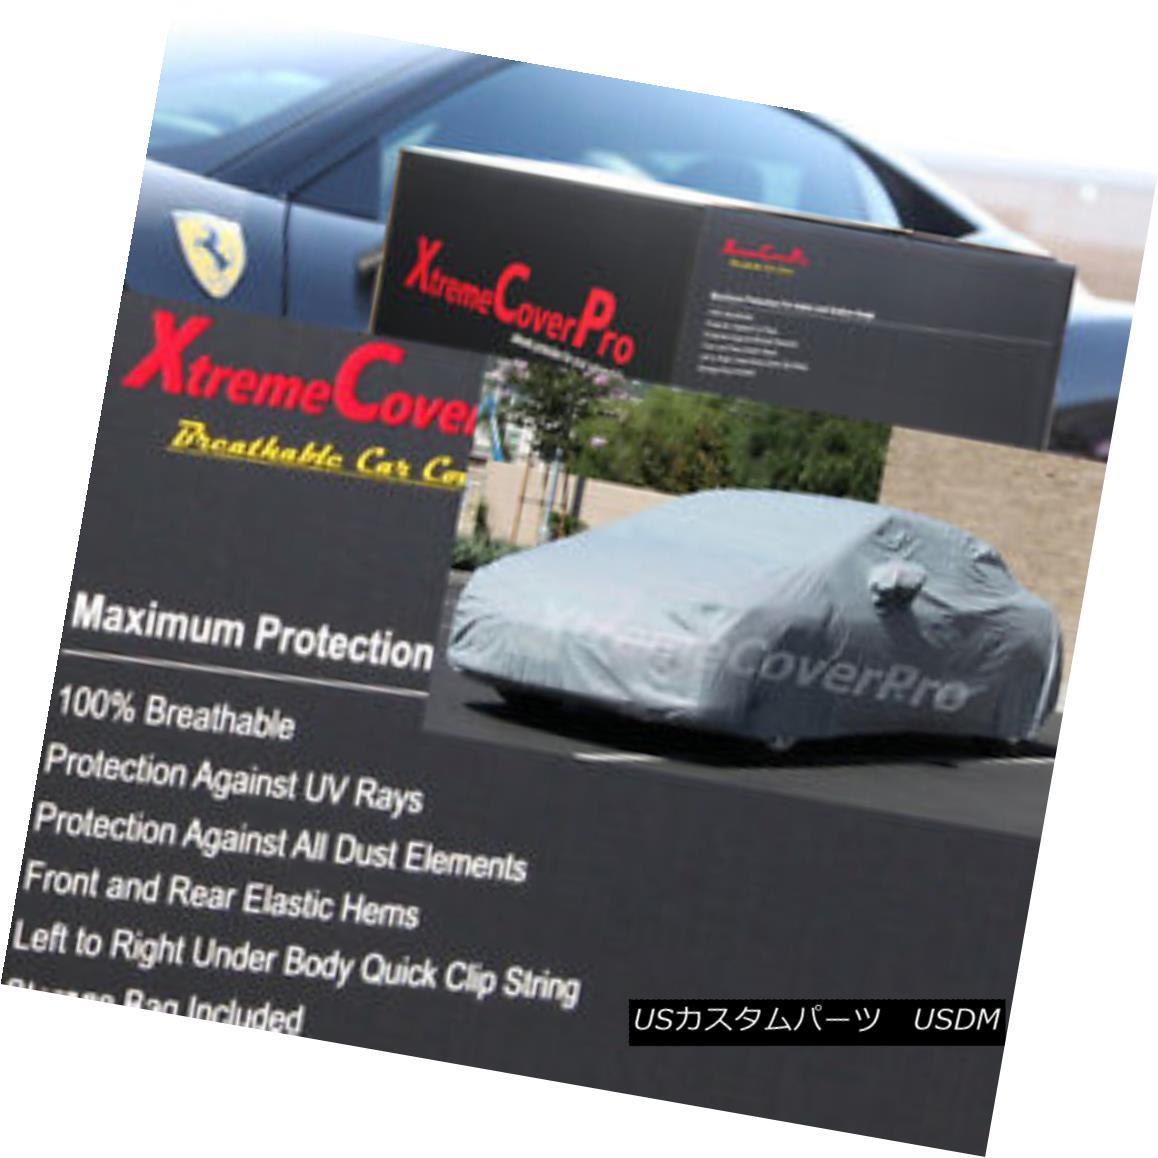 カーカバー 2000 2001 Subaru Impreza STI w/STI spioler Breathable Car Cover w/MirrorPocket 2000 2001スバルインプレッサSTI / STIスポイラー通気性車カバー/ミラーポケット